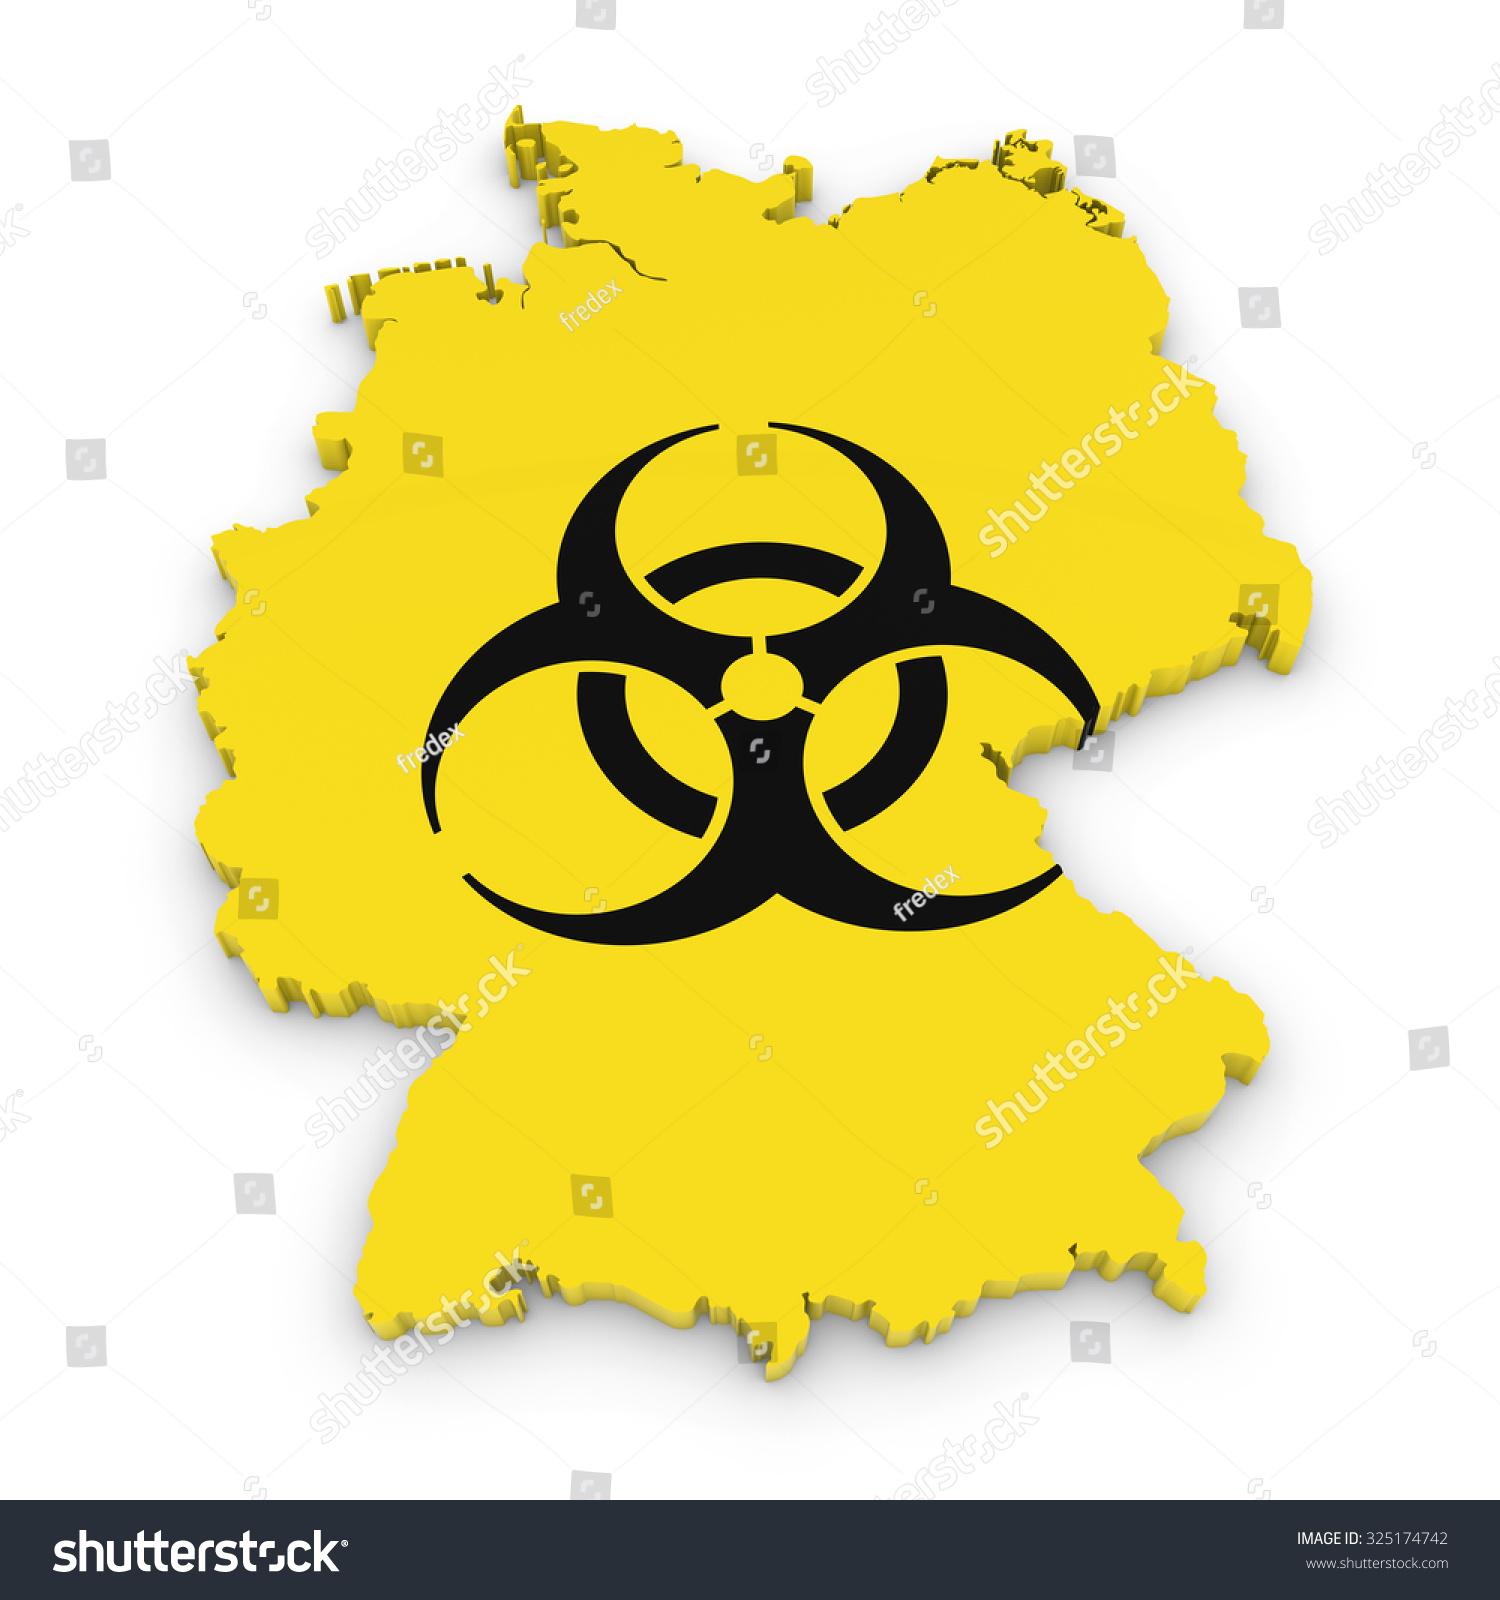 German Biological Hazard Concept Image 3 D Stock Illustration